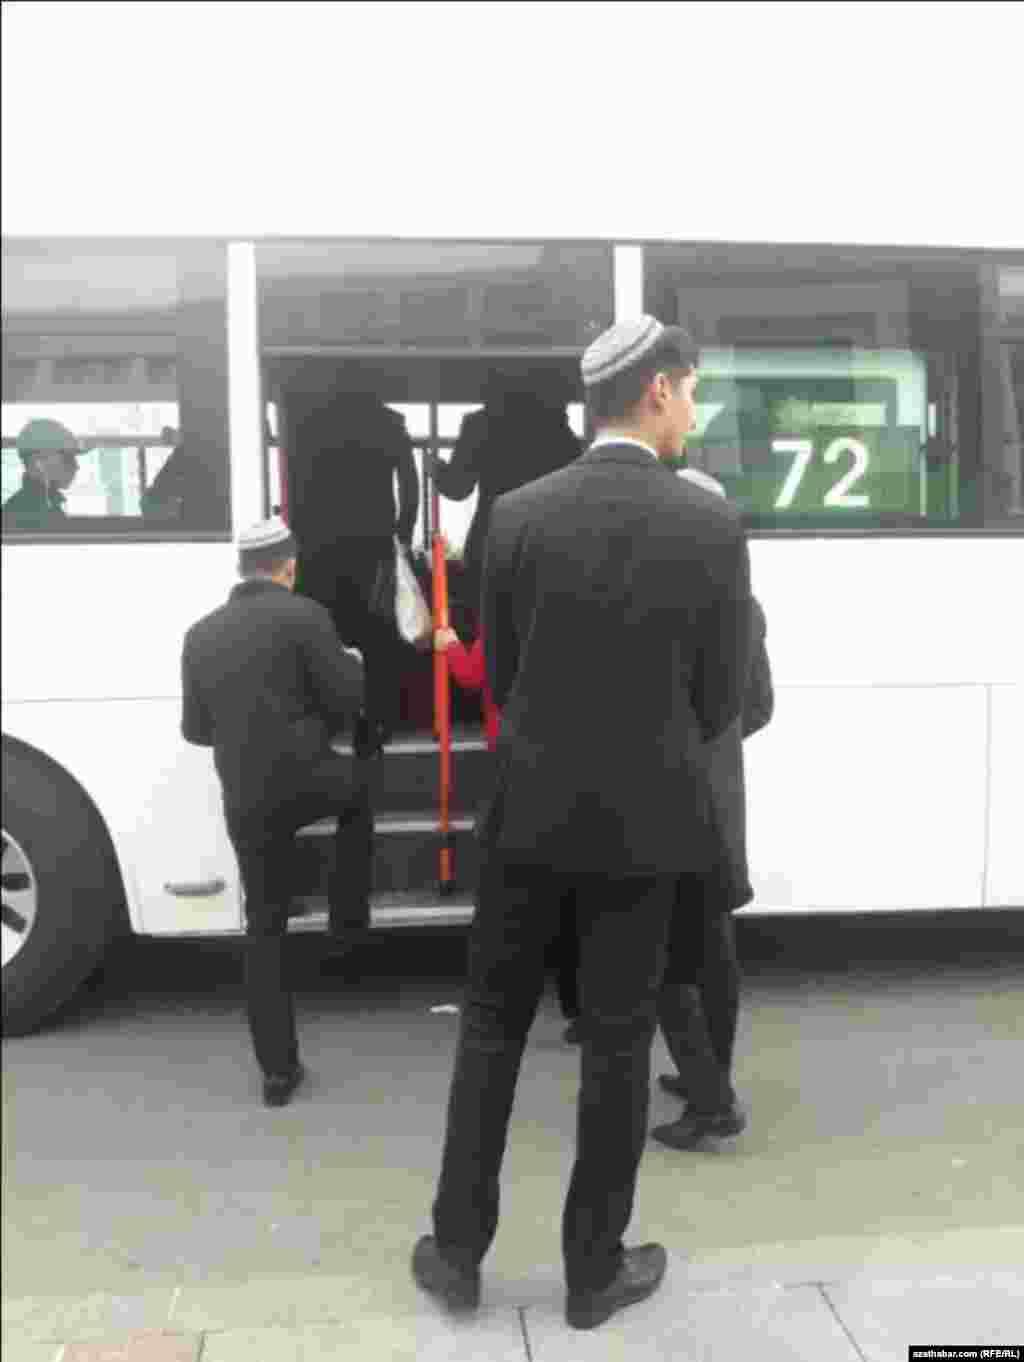 Awtobus Aşgadyň ýeke-täk jemgyýetçilik transportydyr